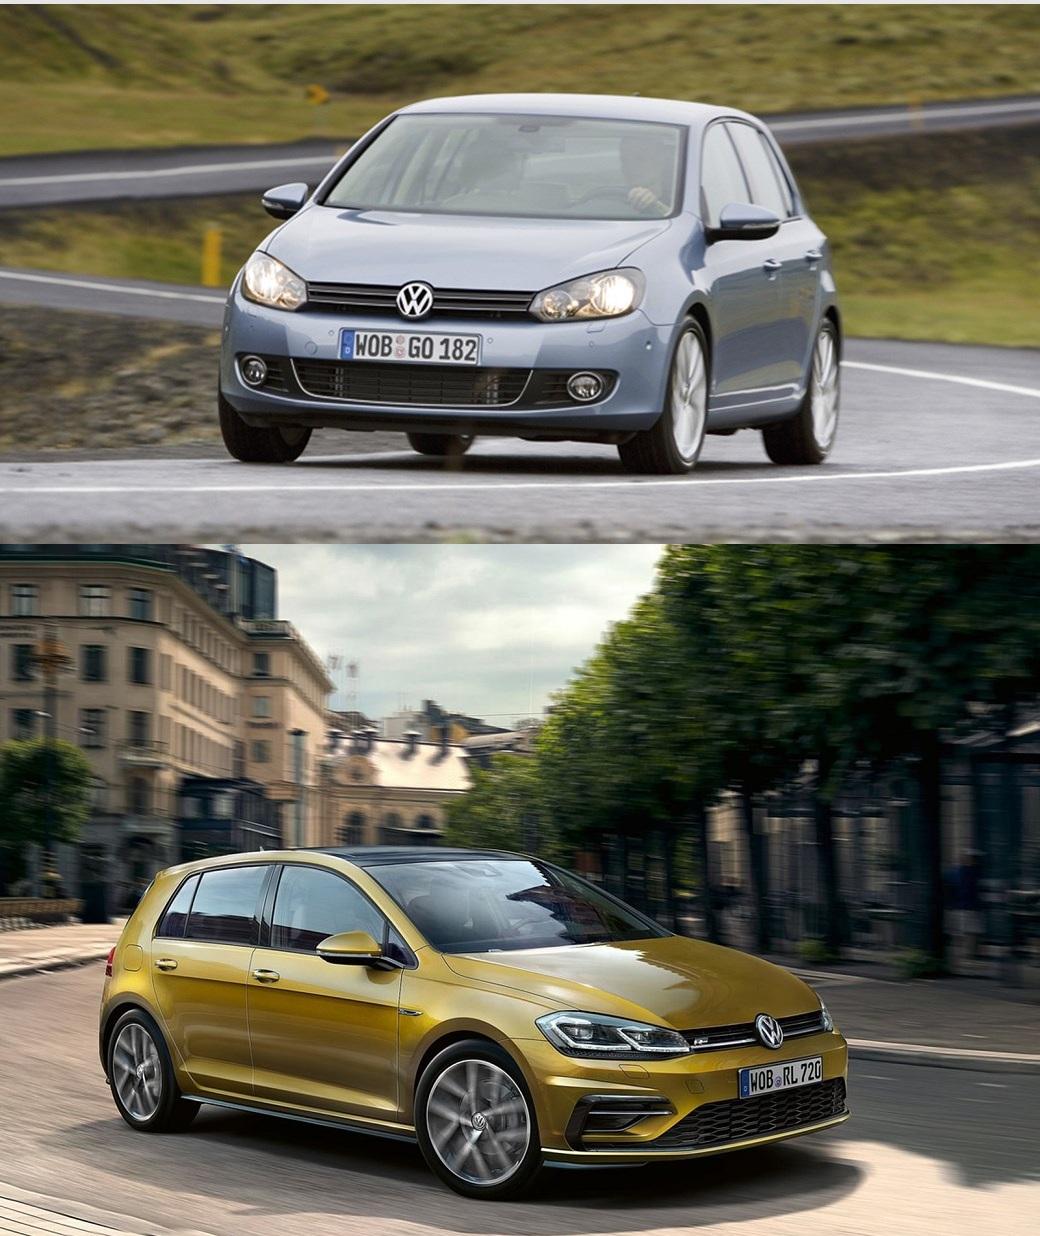 10 лет спустя: как изменились популярные модели авто с 2009 года